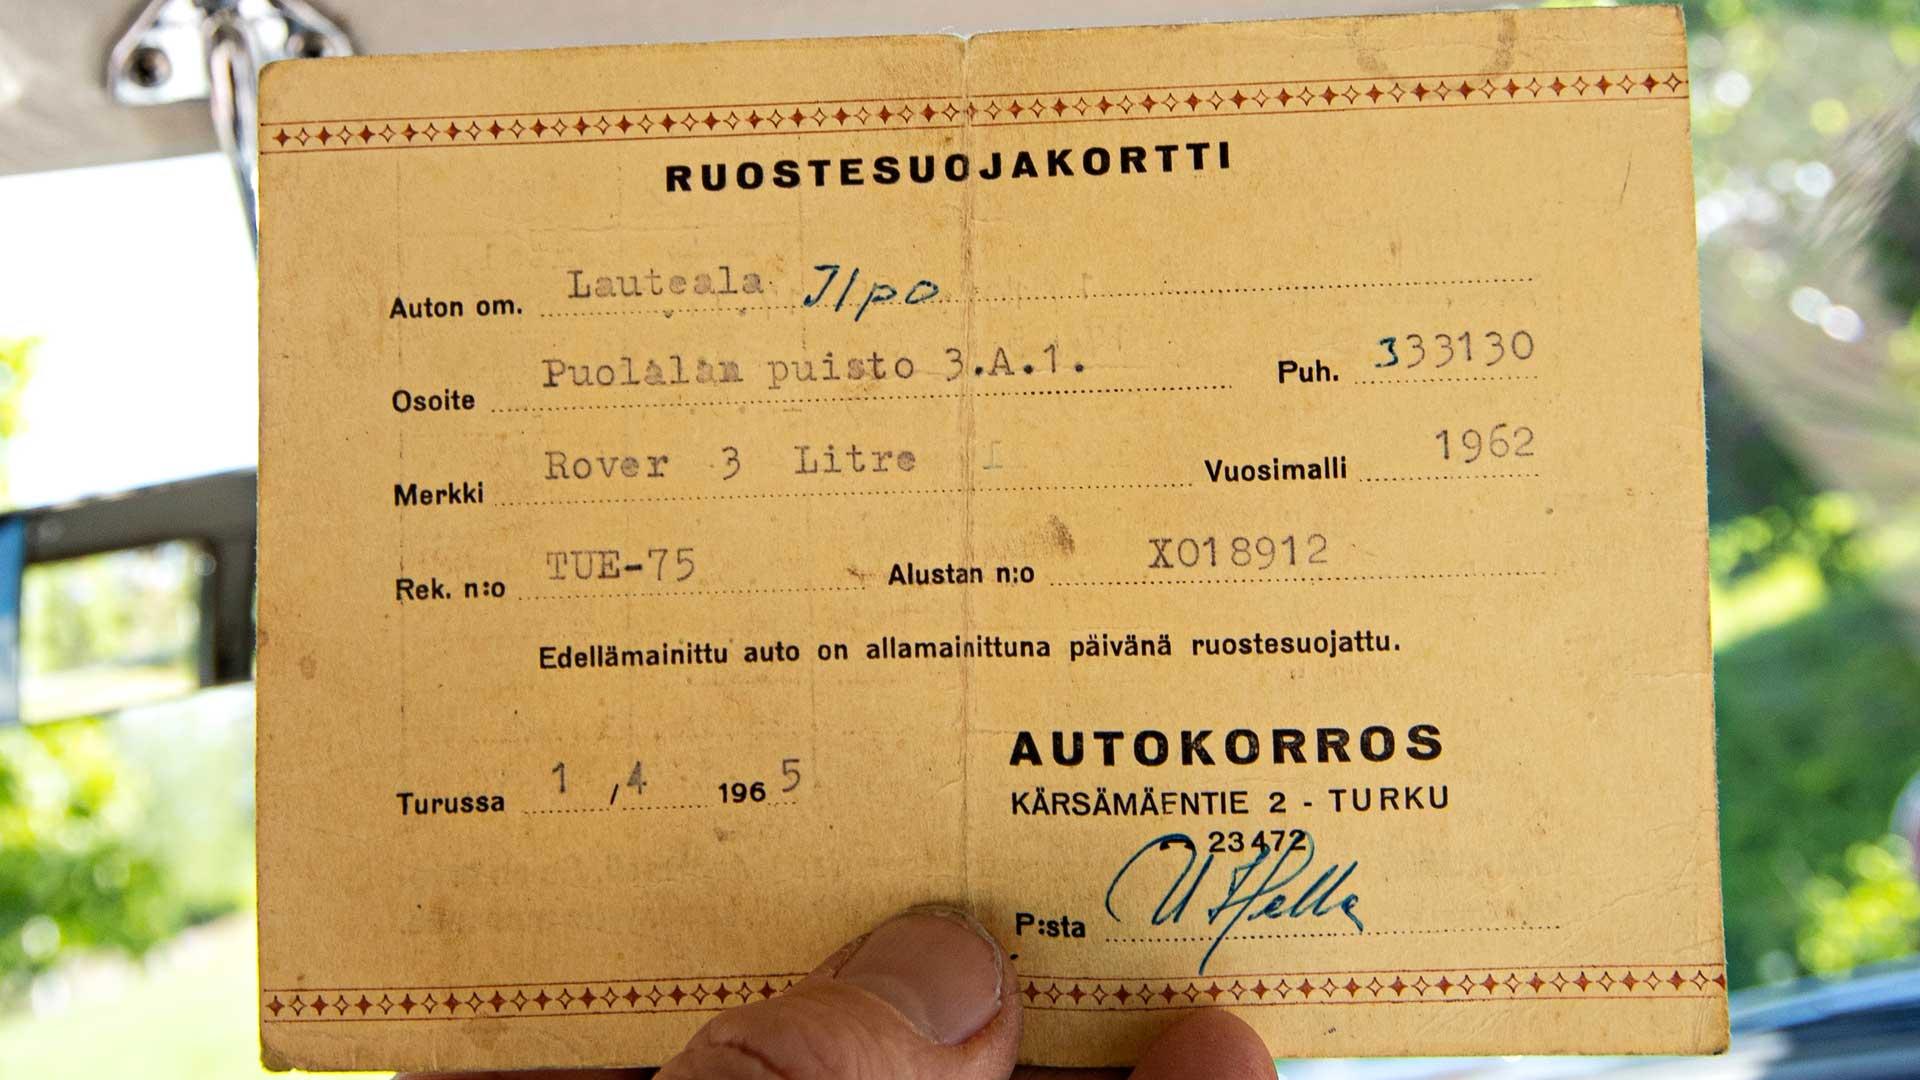 Asiakirjasta ilmenee, että Rover on ruostesuojattu Turussa vuonna 1965.